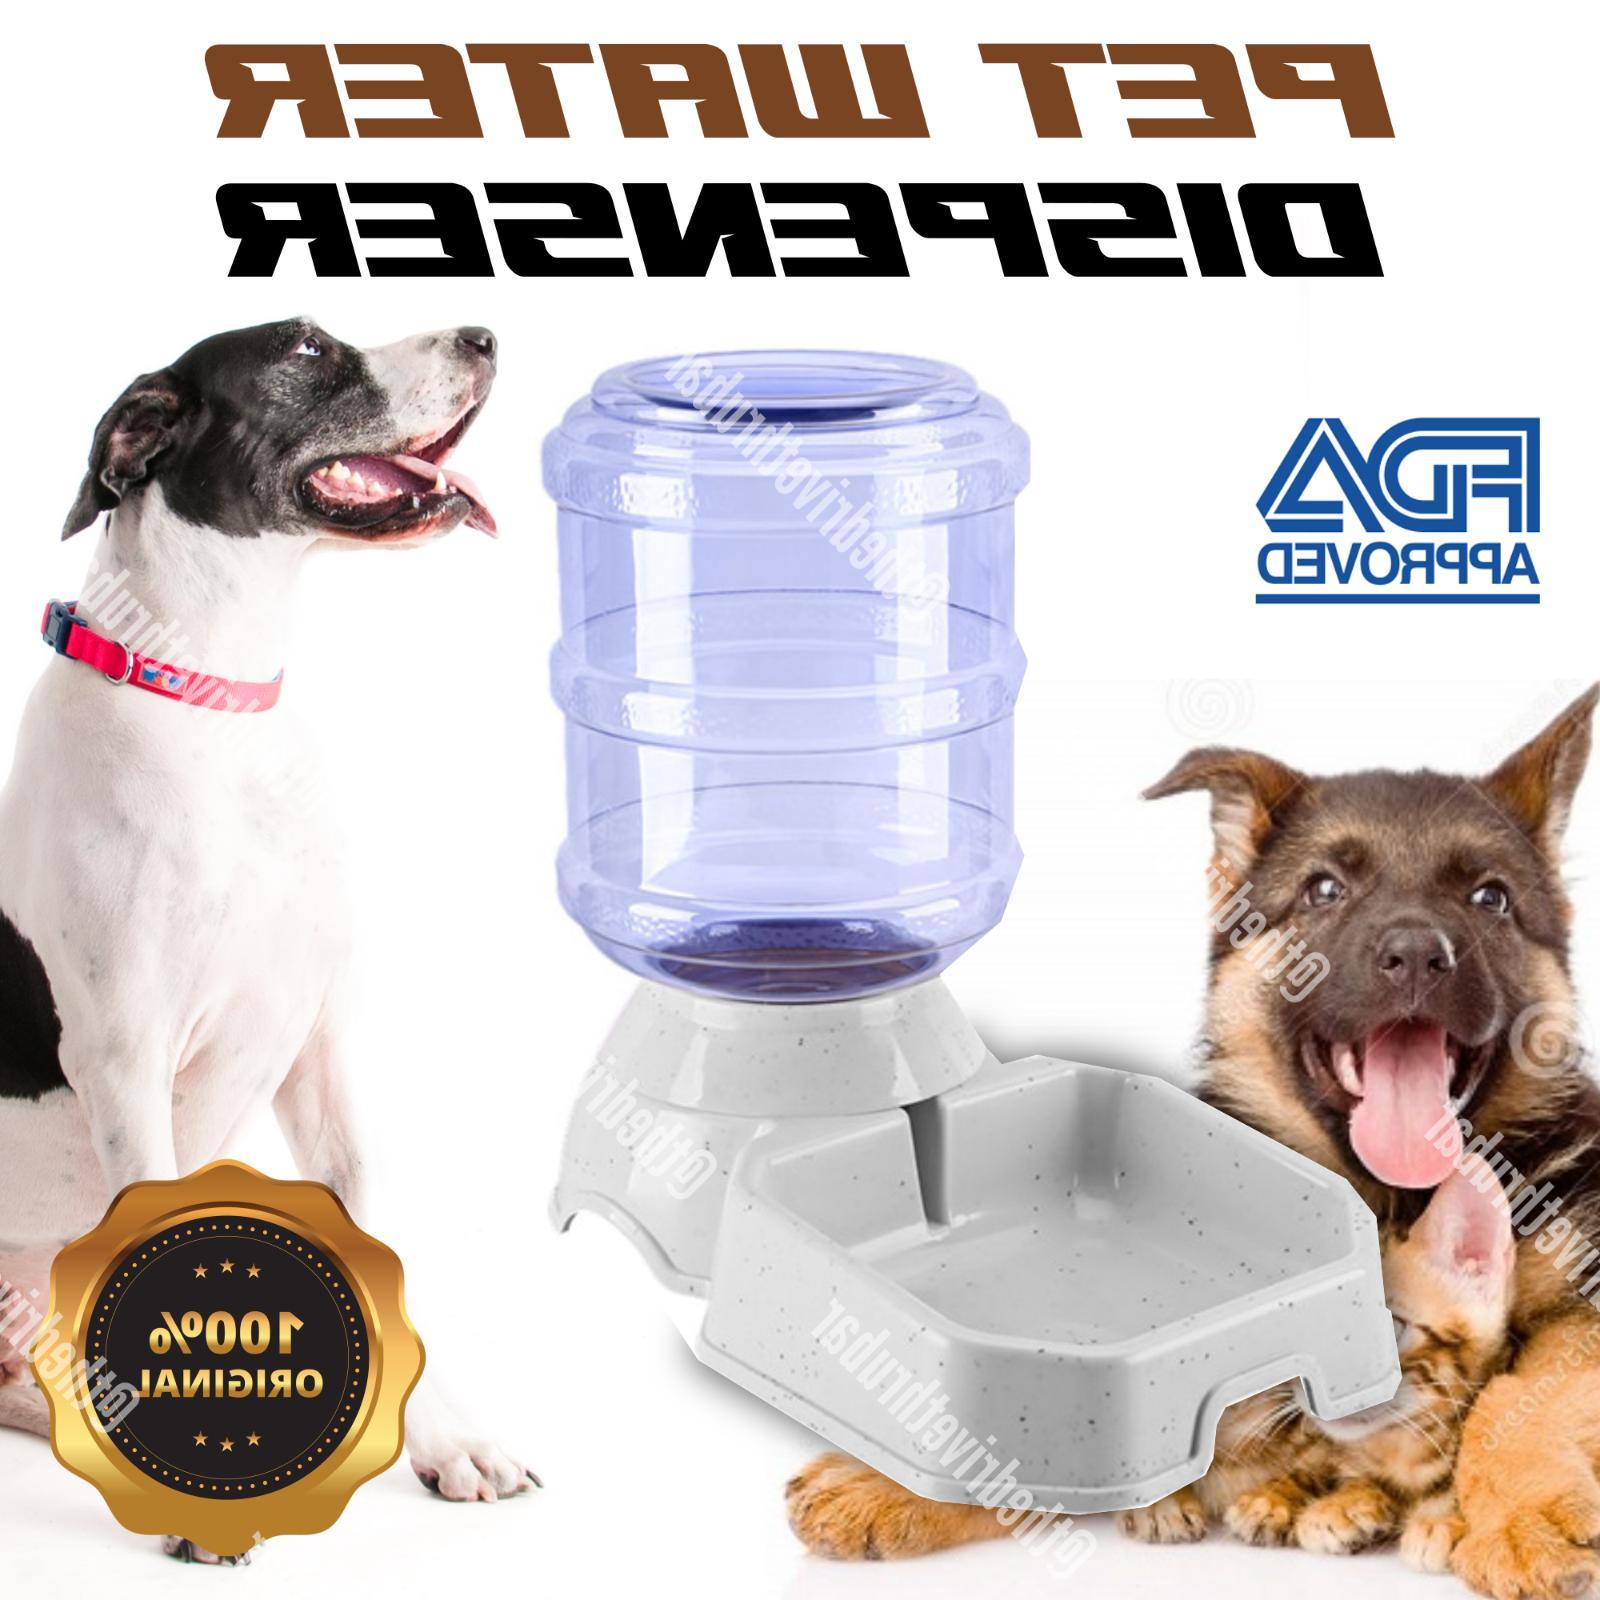 AUTOMATIC Feeder Puppy Dish Feeding